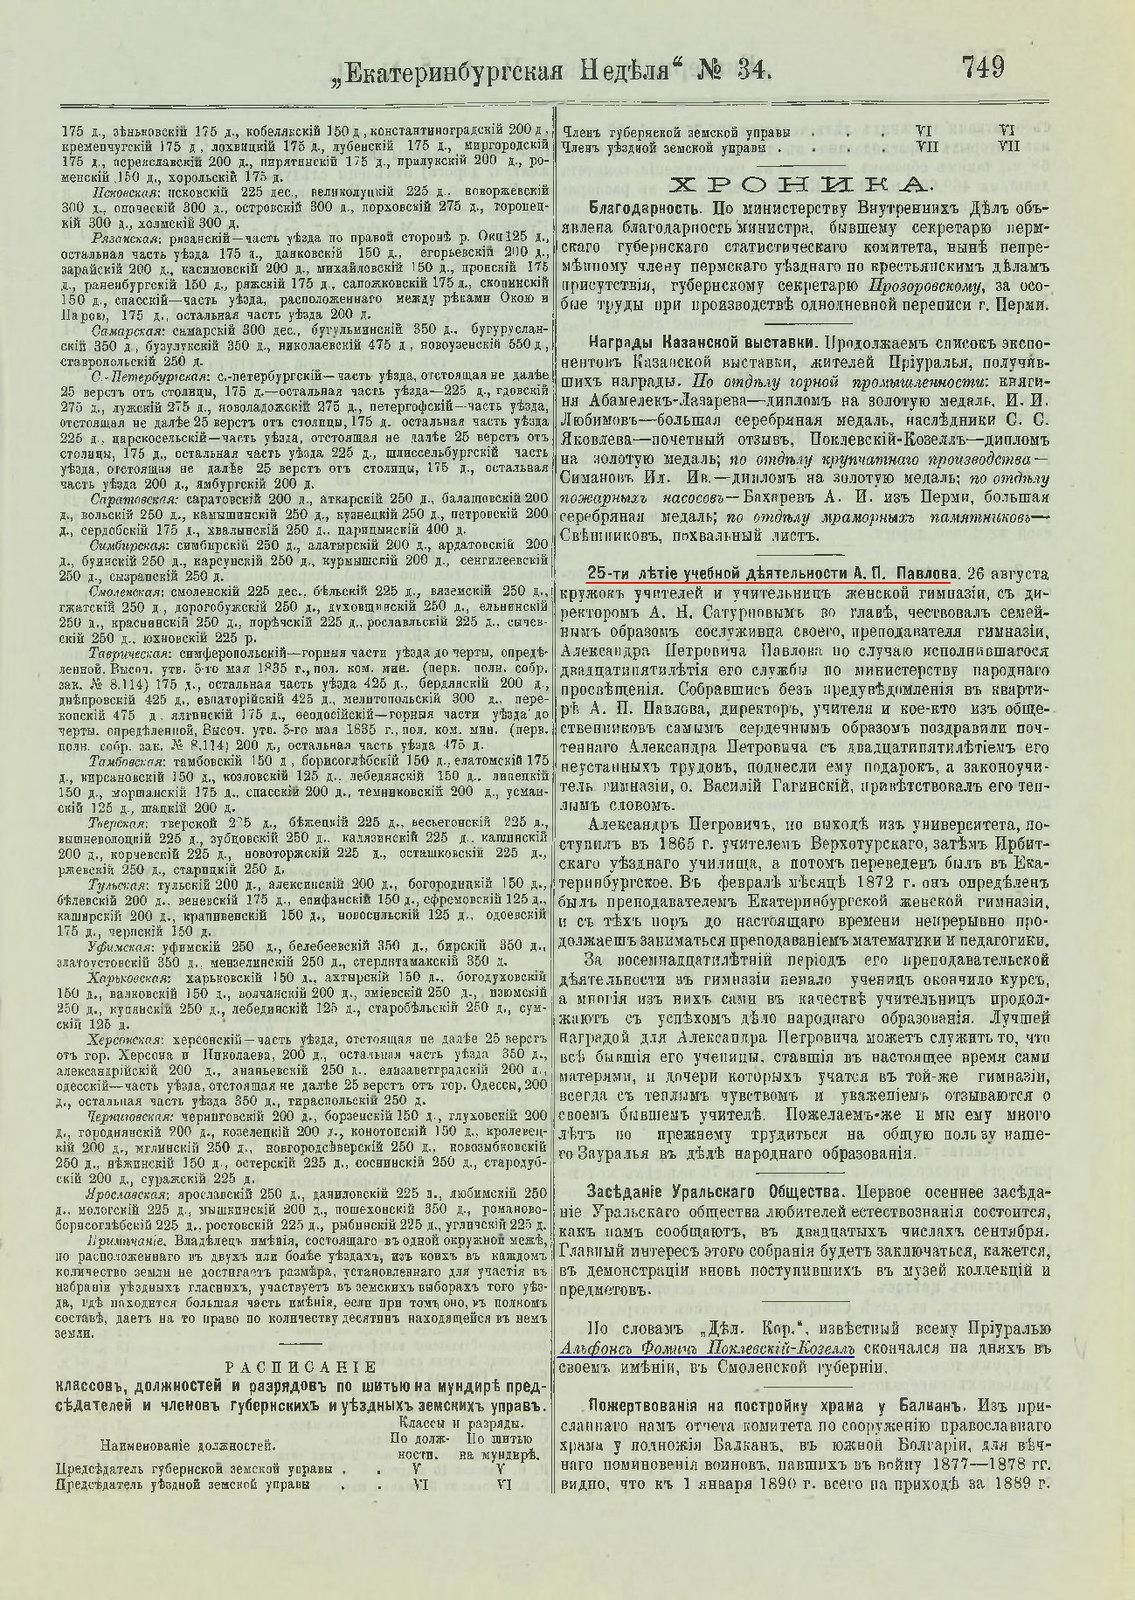 1890. № 34. Екатеринбургская неделя  (3)